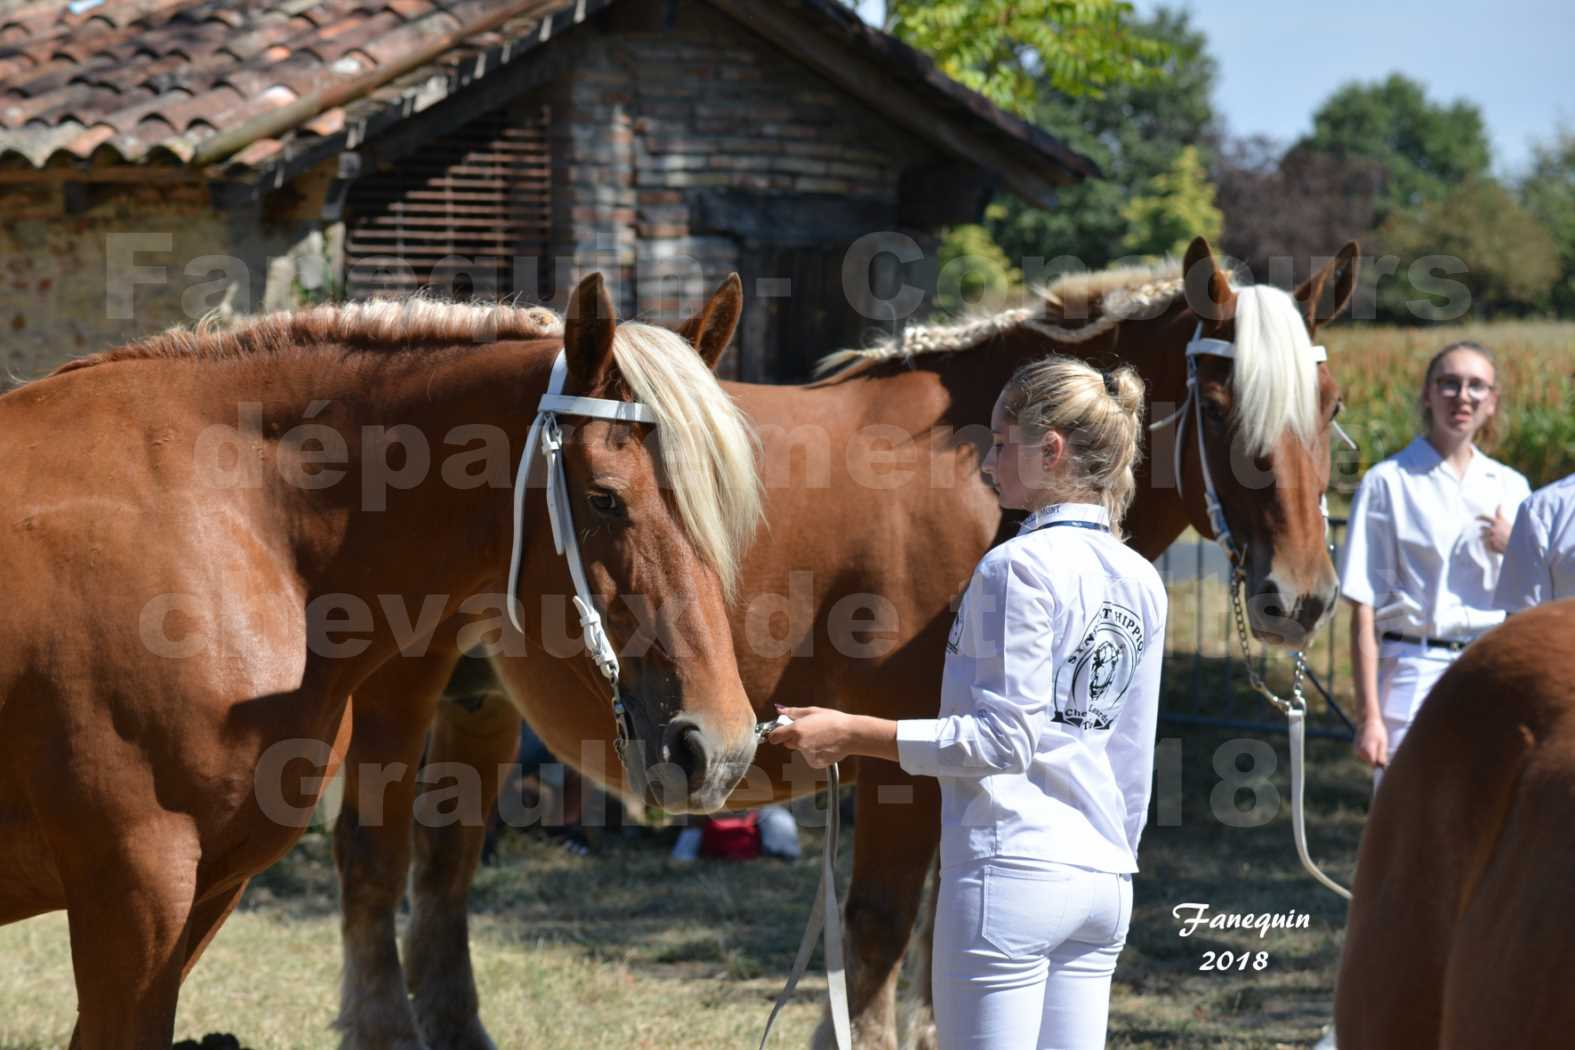 Concours départemental de chevaux de traits à GRAULHET en 2018 - Elevage POUJADE - Notre Sélection - 01